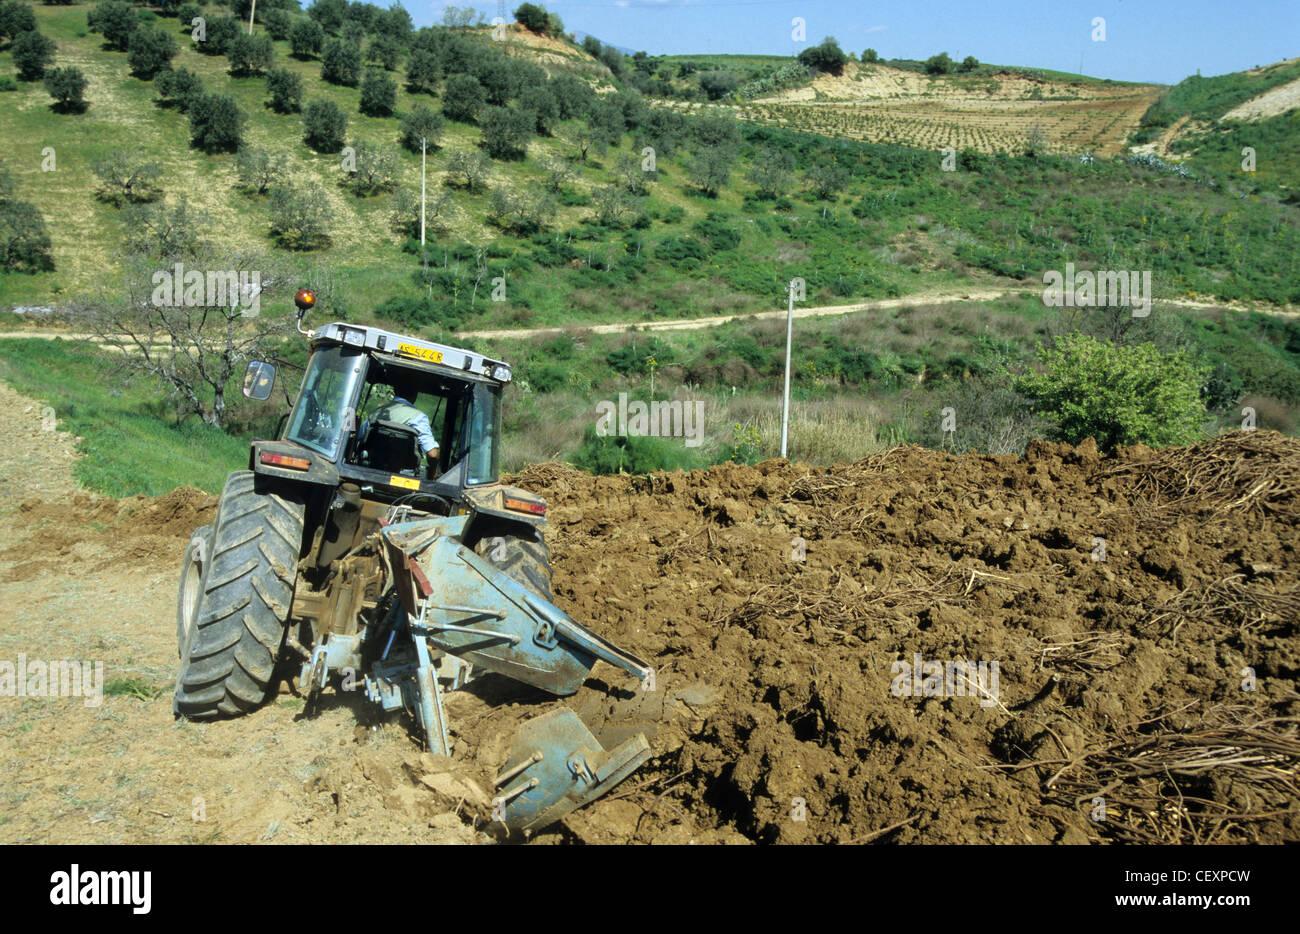 ITALY Calabria , Rossano , harvest of liquorice roots from plant liquorice Glycyrrhiza glabra for liquorice confectionery Stock Photo